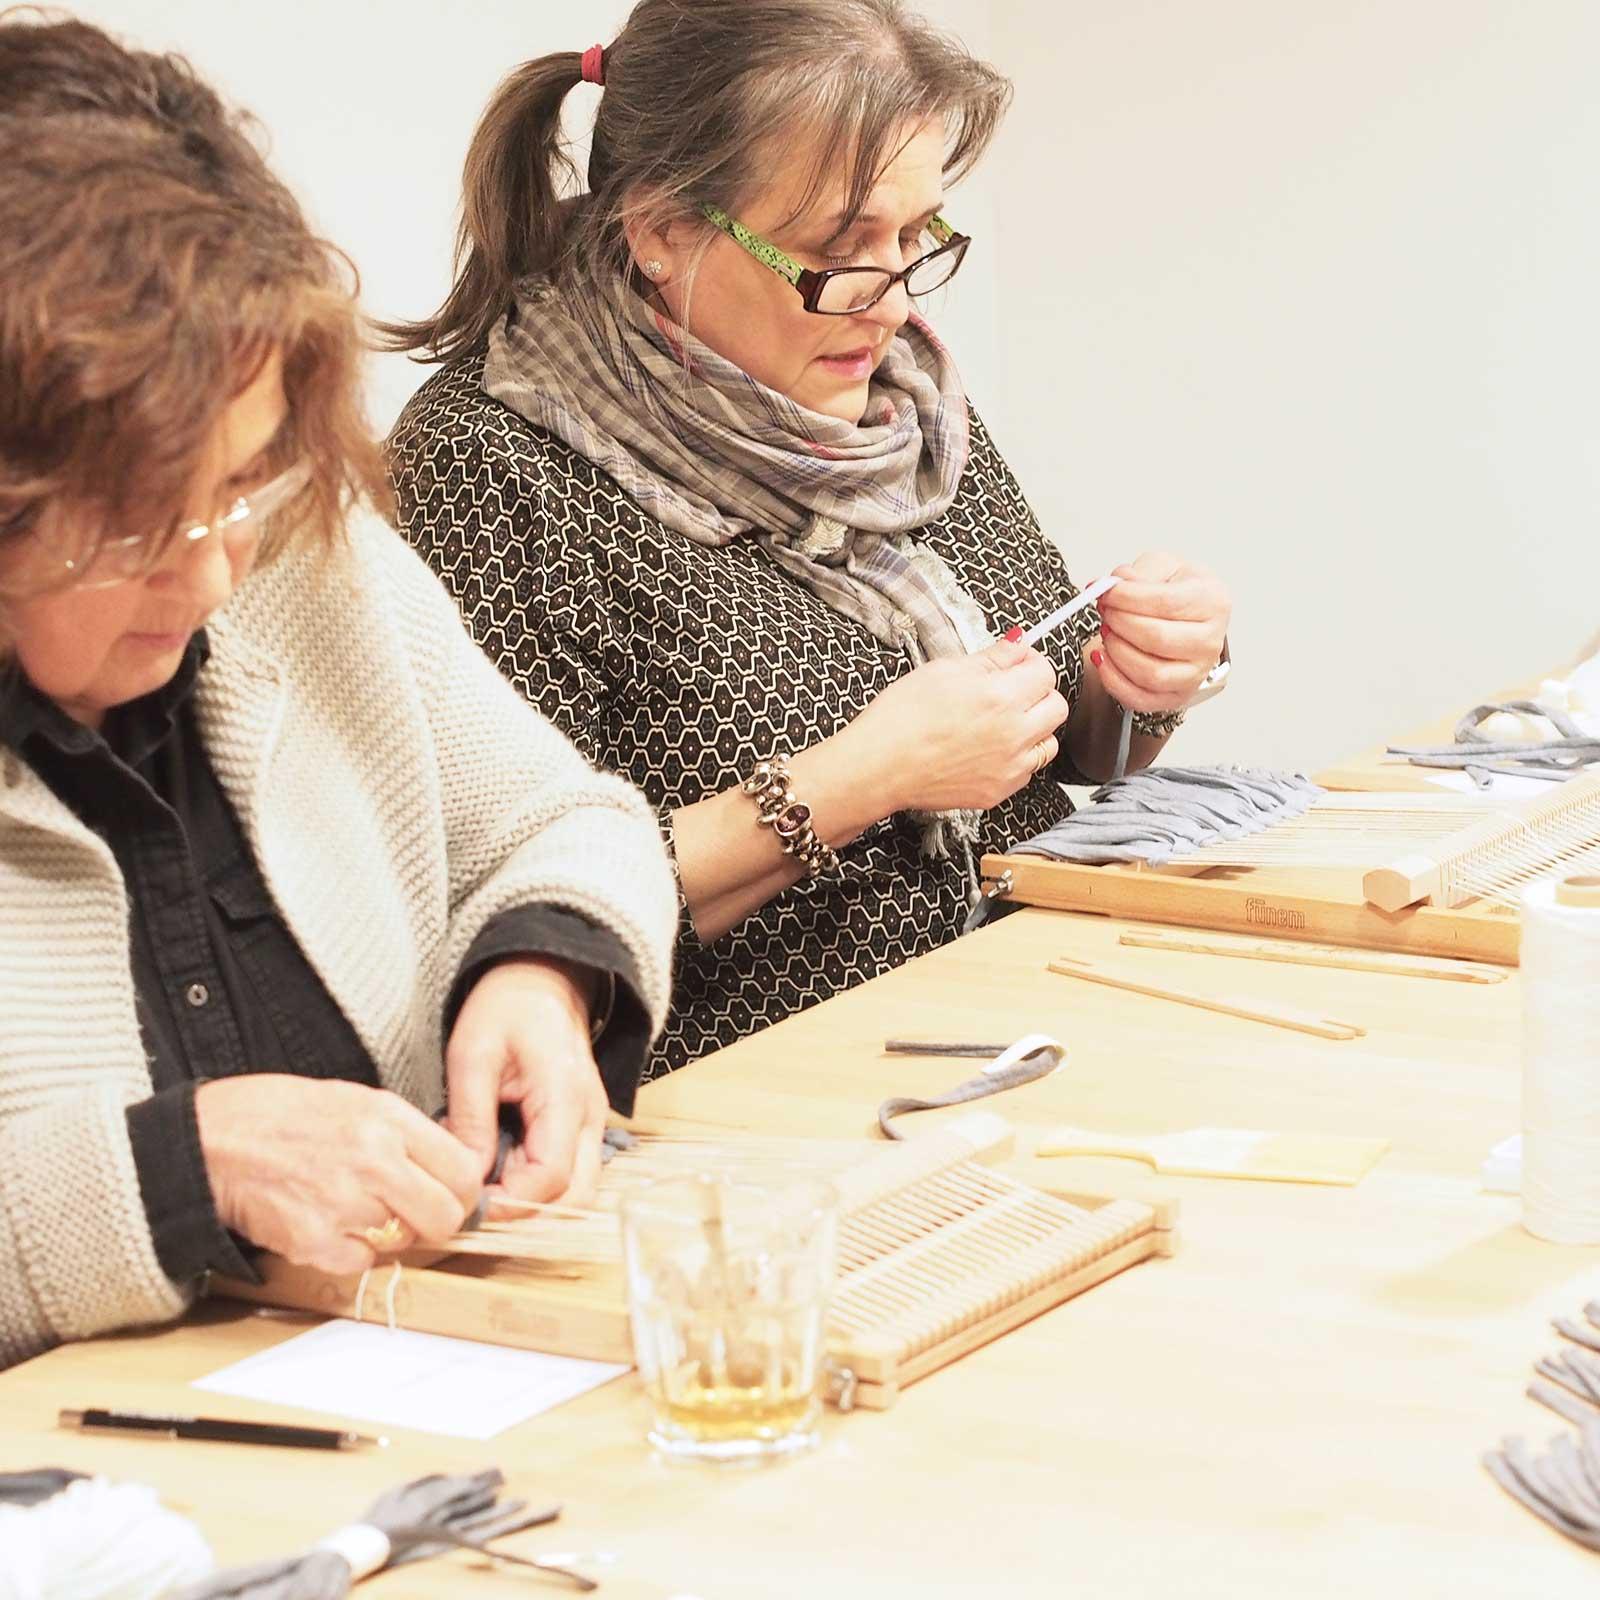 workshop atelier créatif tissage iii janvier Valladolid Mimarinita laboutiquedemelimelo